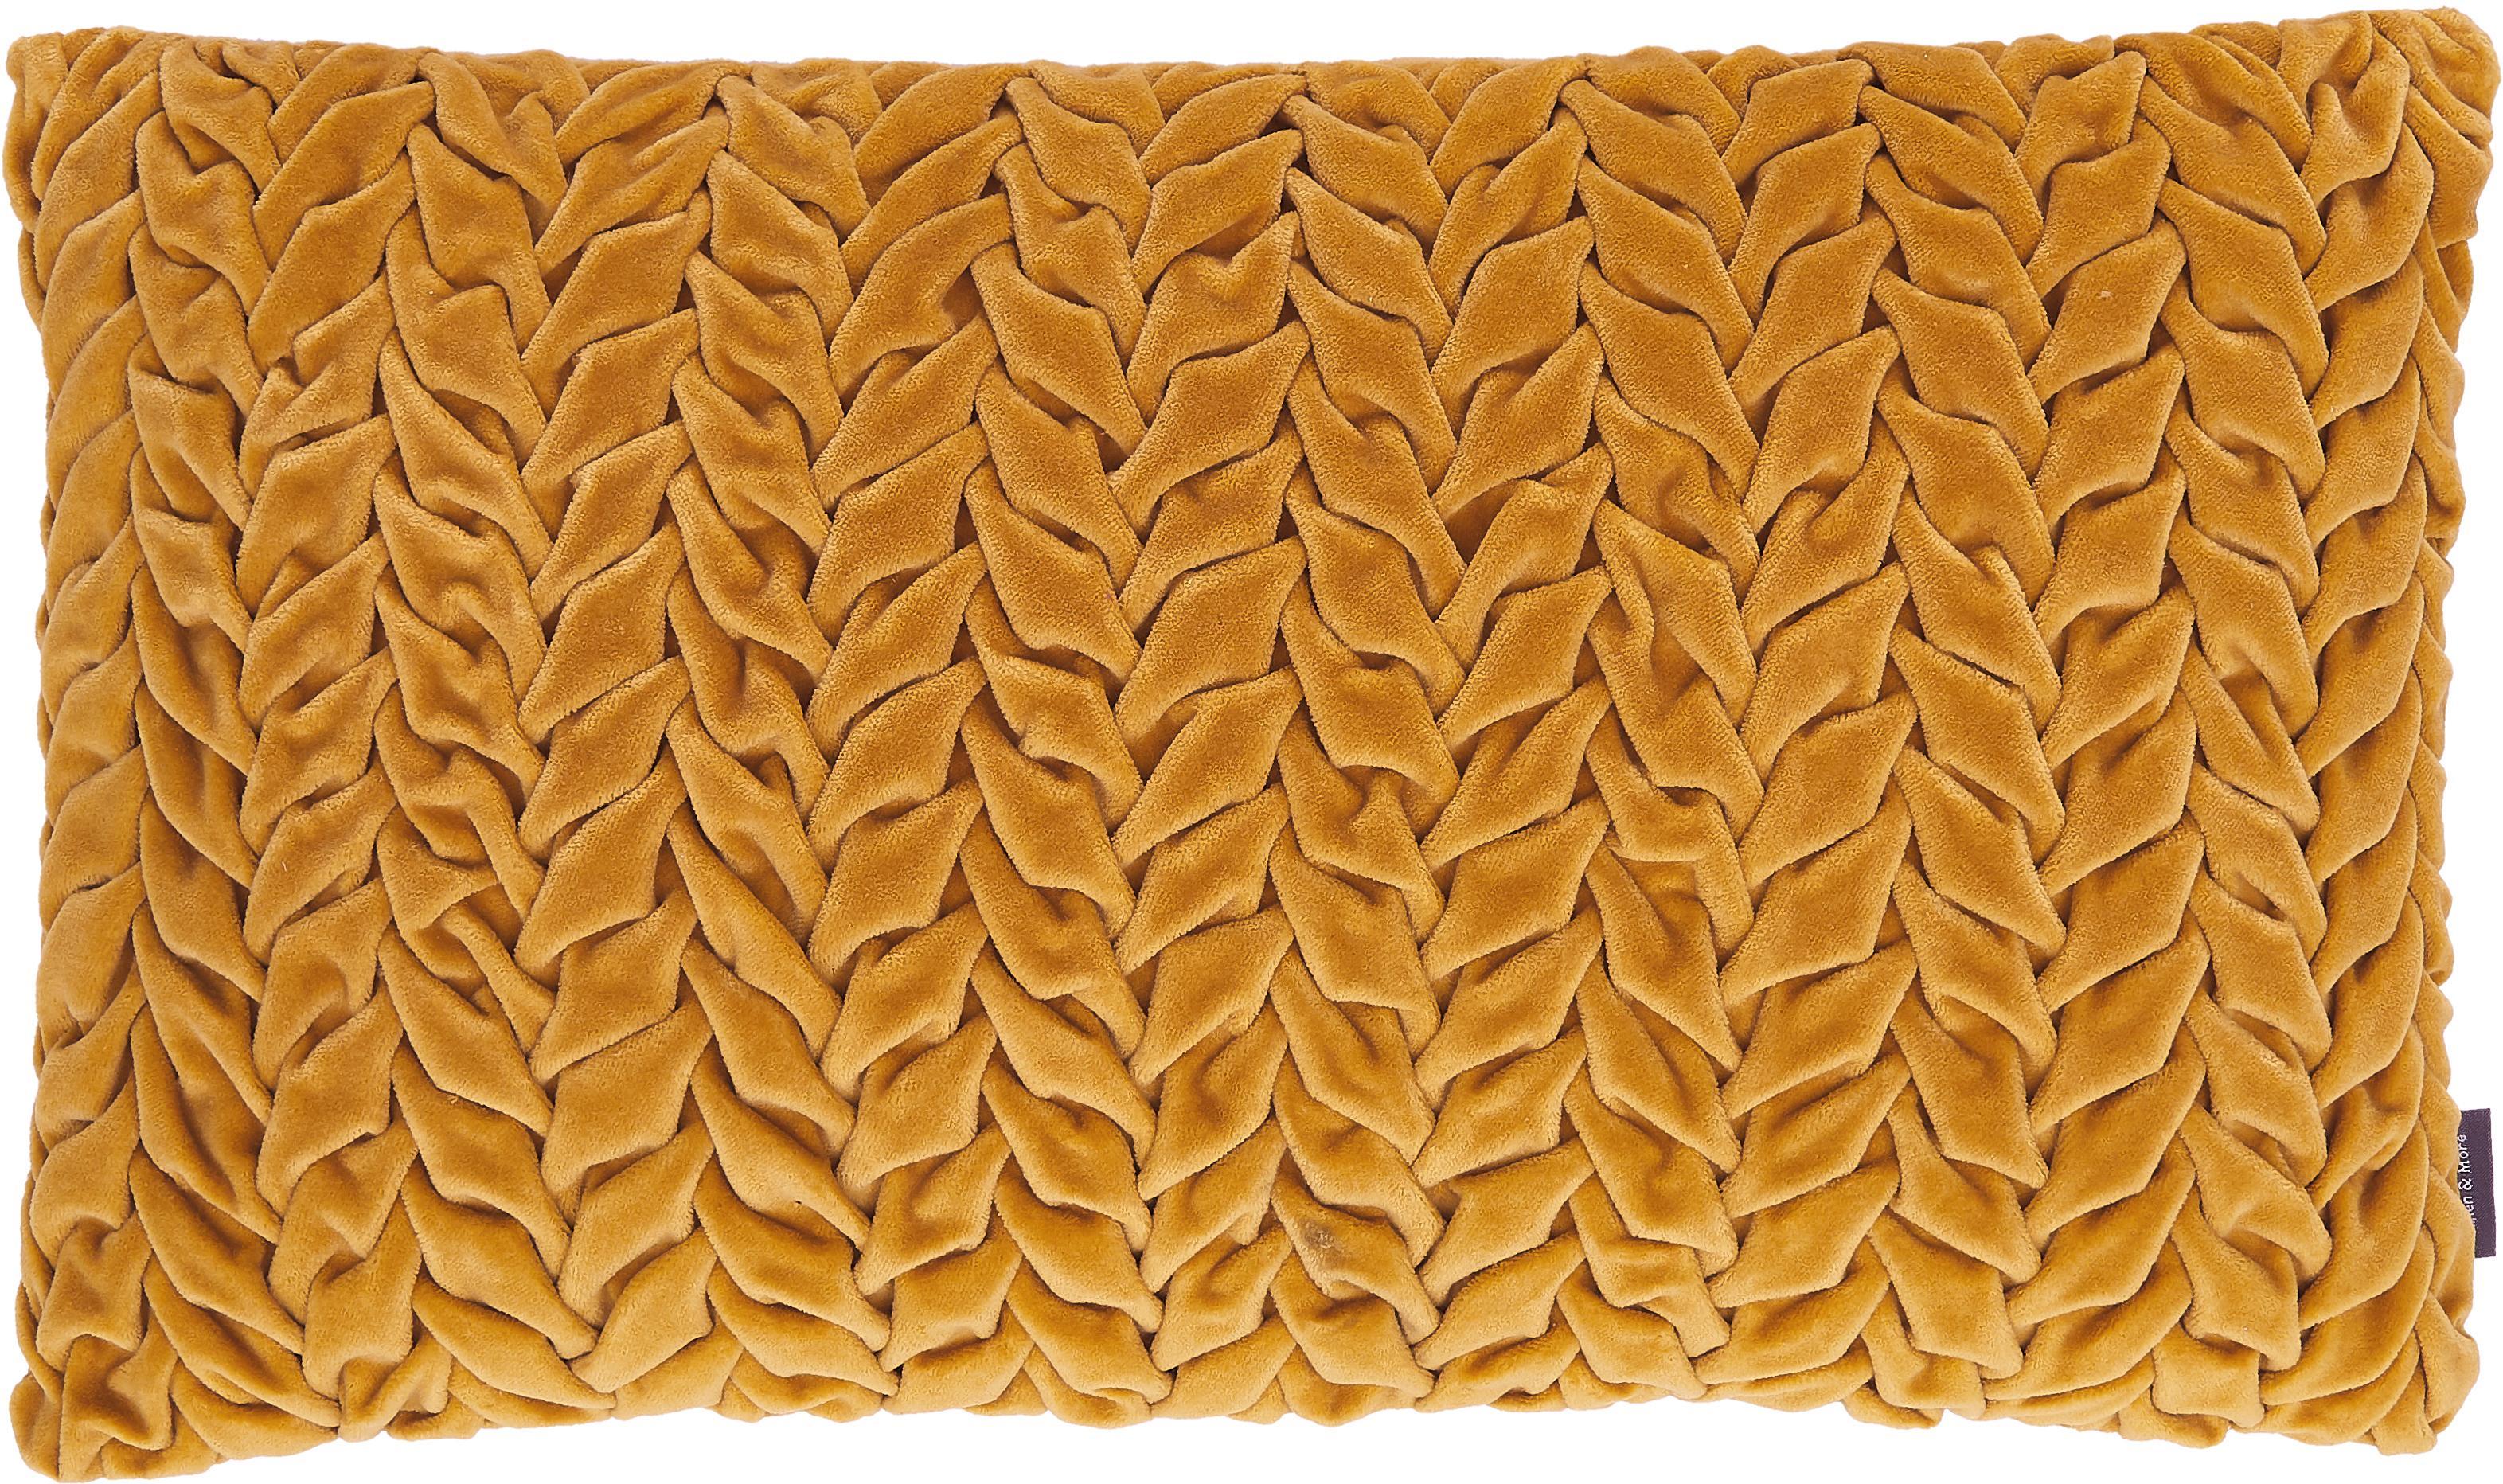 Samt-Kissen Smock mit geraffter Oberfläche, mit Inlett, Bezug: 100% Baumwollsamt, Senfgelb, 30 x 50 cm